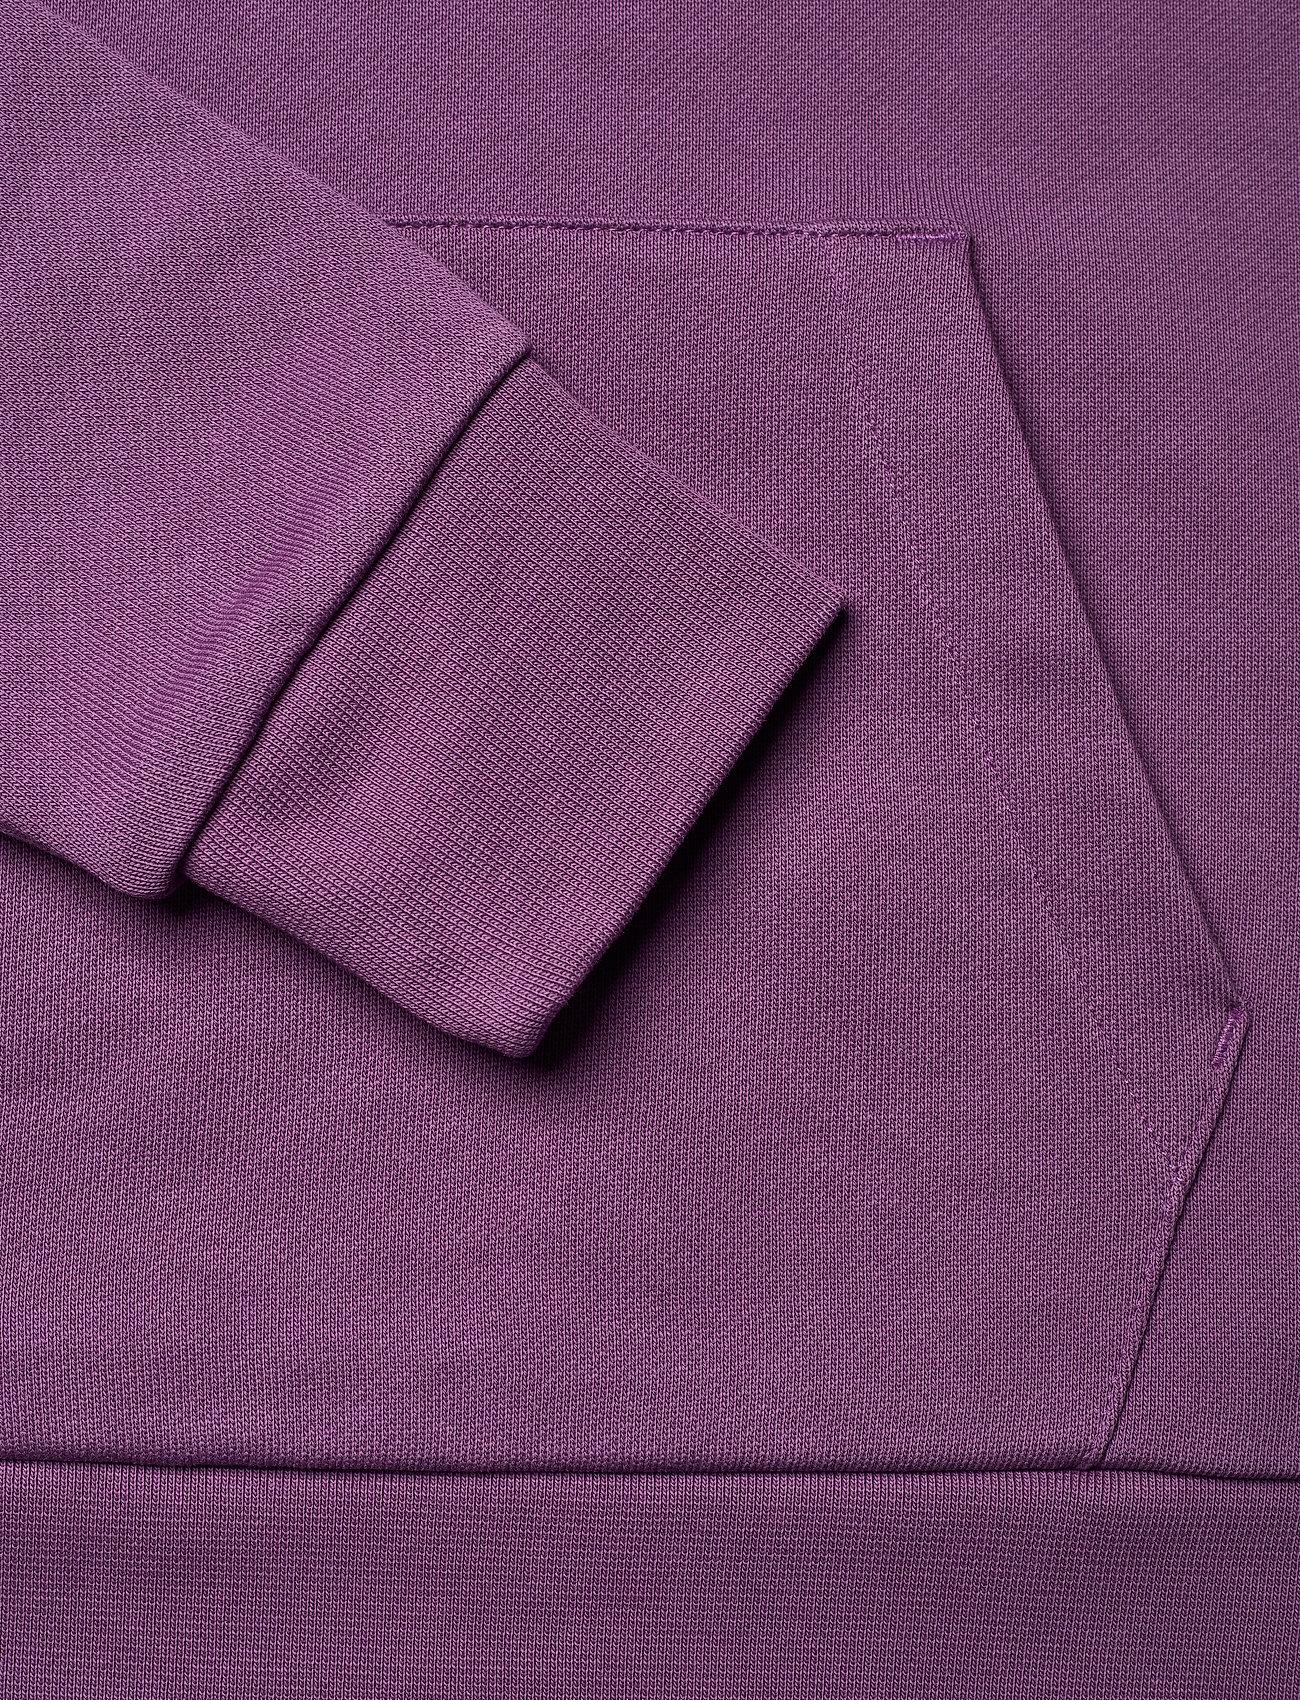 Lyle & Scott - Hoodie - sweatshirts & hoodies - dark thistle - 3